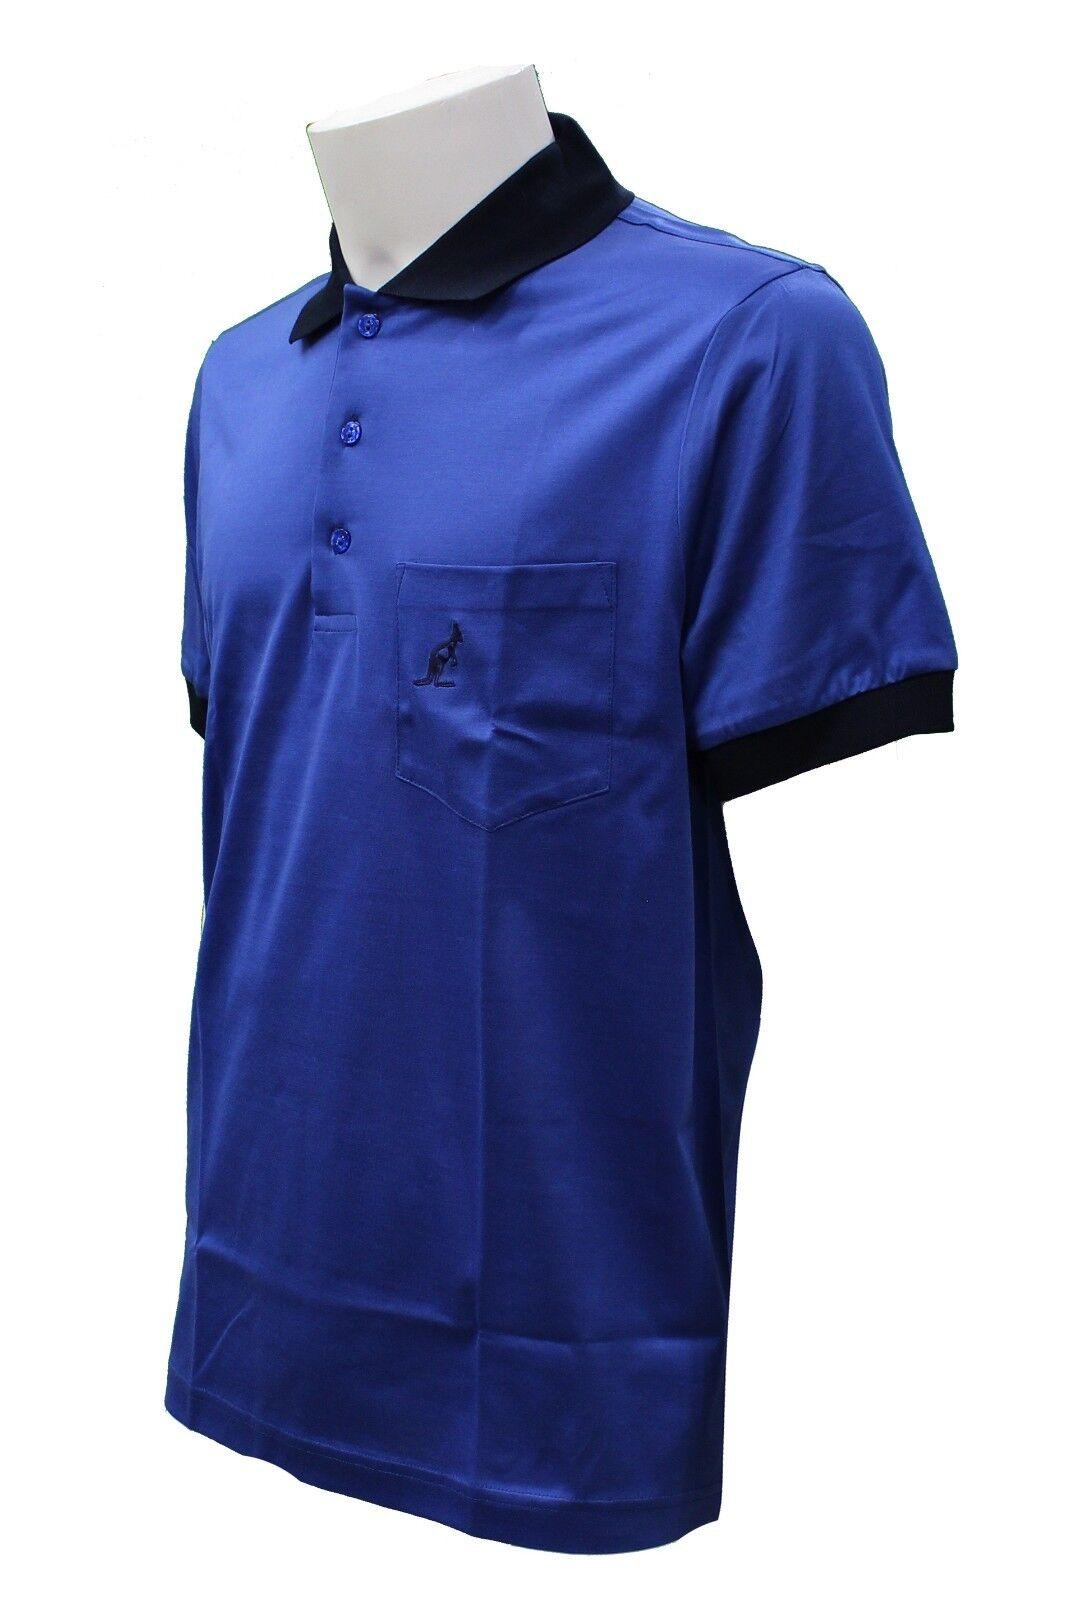 T-Shirt polo da uomo blu Australian manica casual corta colletto casual manica moda taschino 67d034